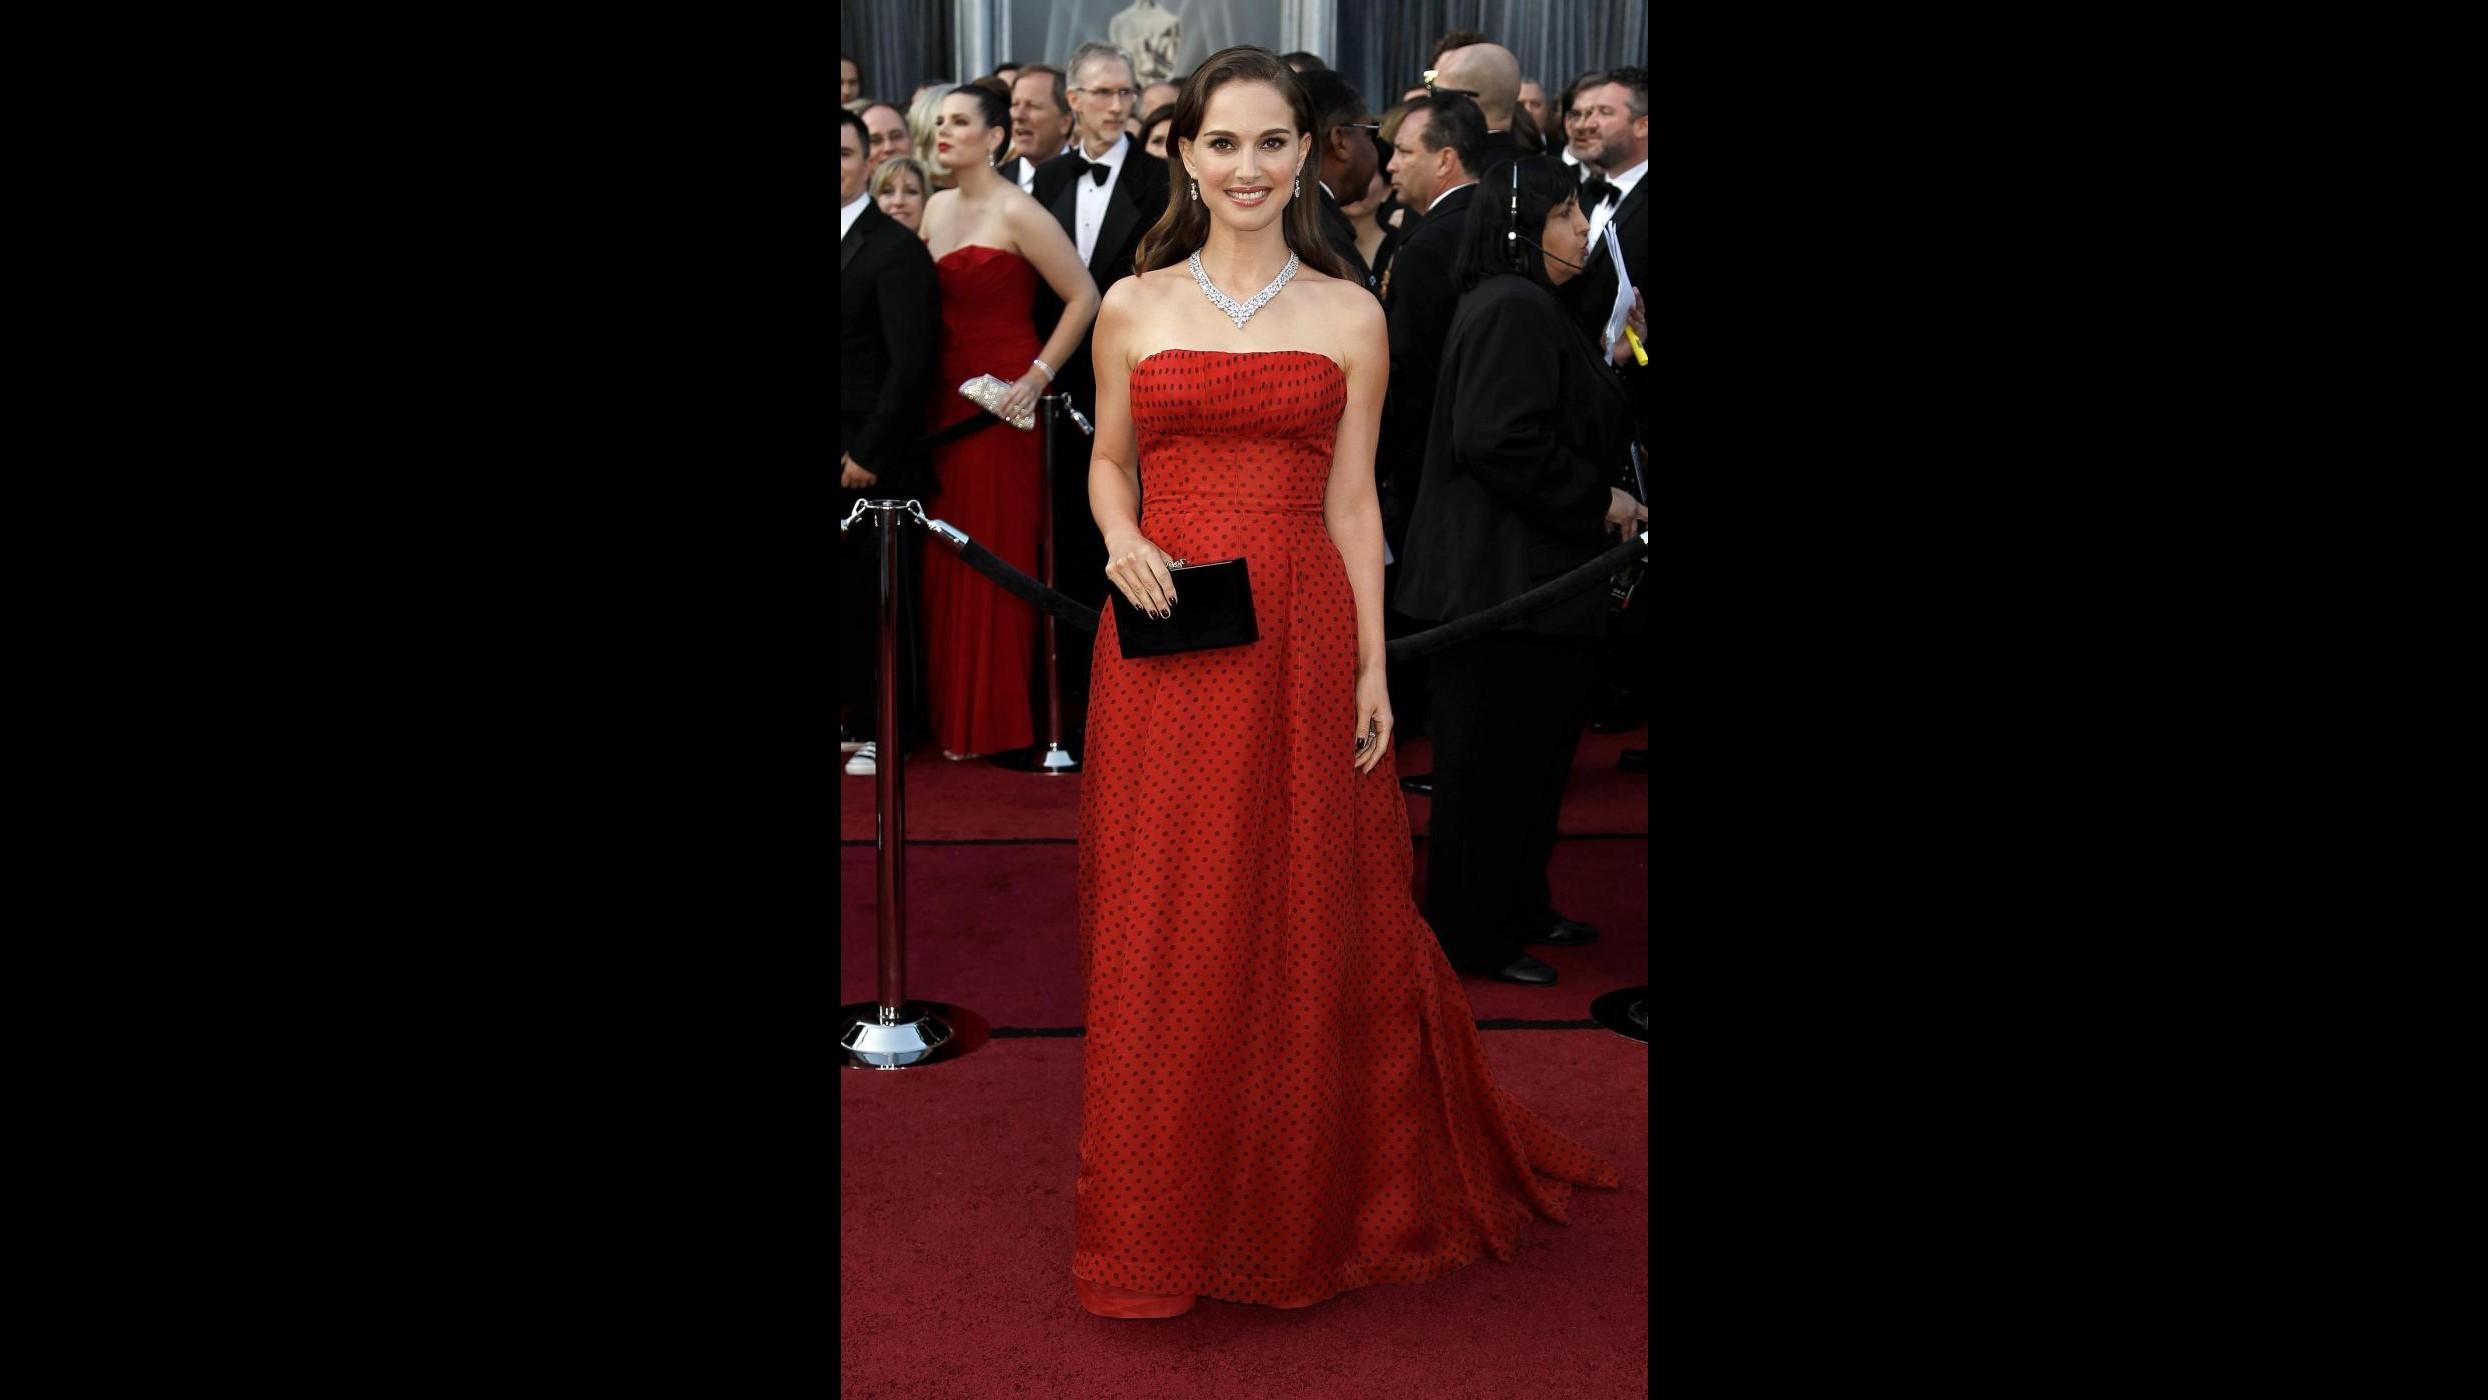 L'abito Dior di Natalie Portman agli Oscar venduto a 50mila dollari